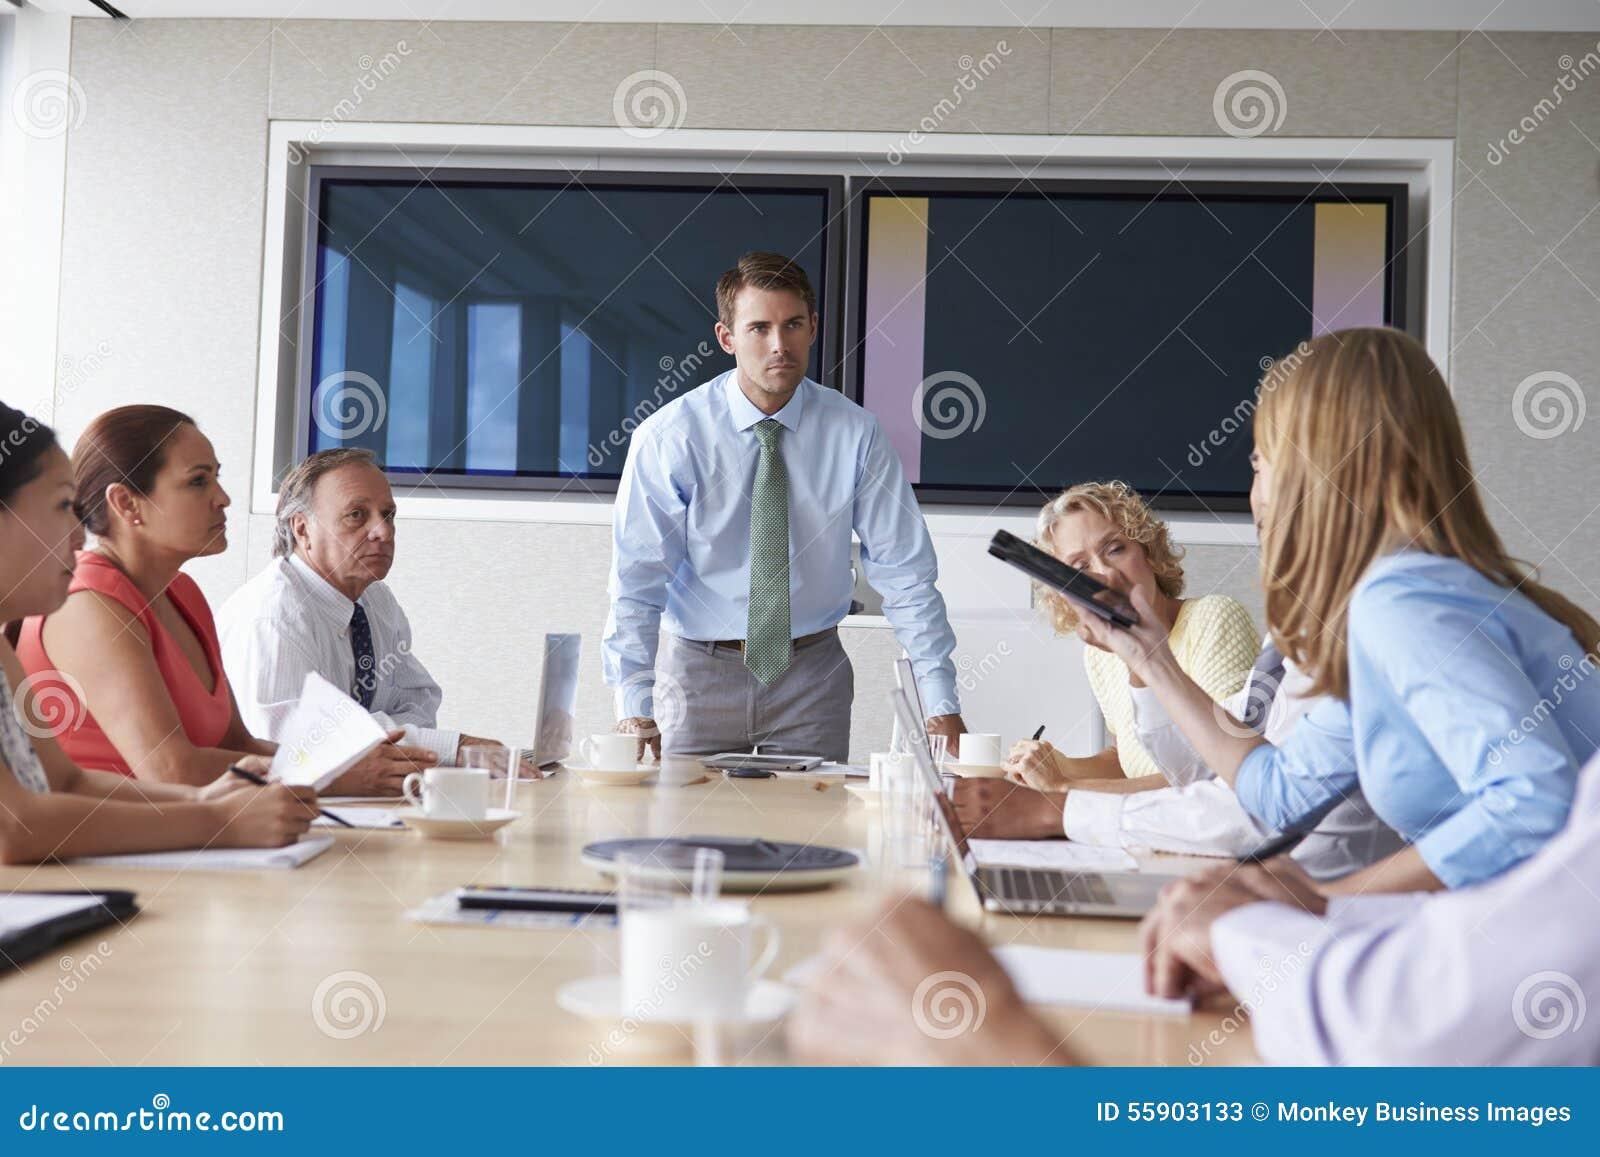 Gruppo di persone di affari che si incontrano intorno alla Tabella della sala del consiglio